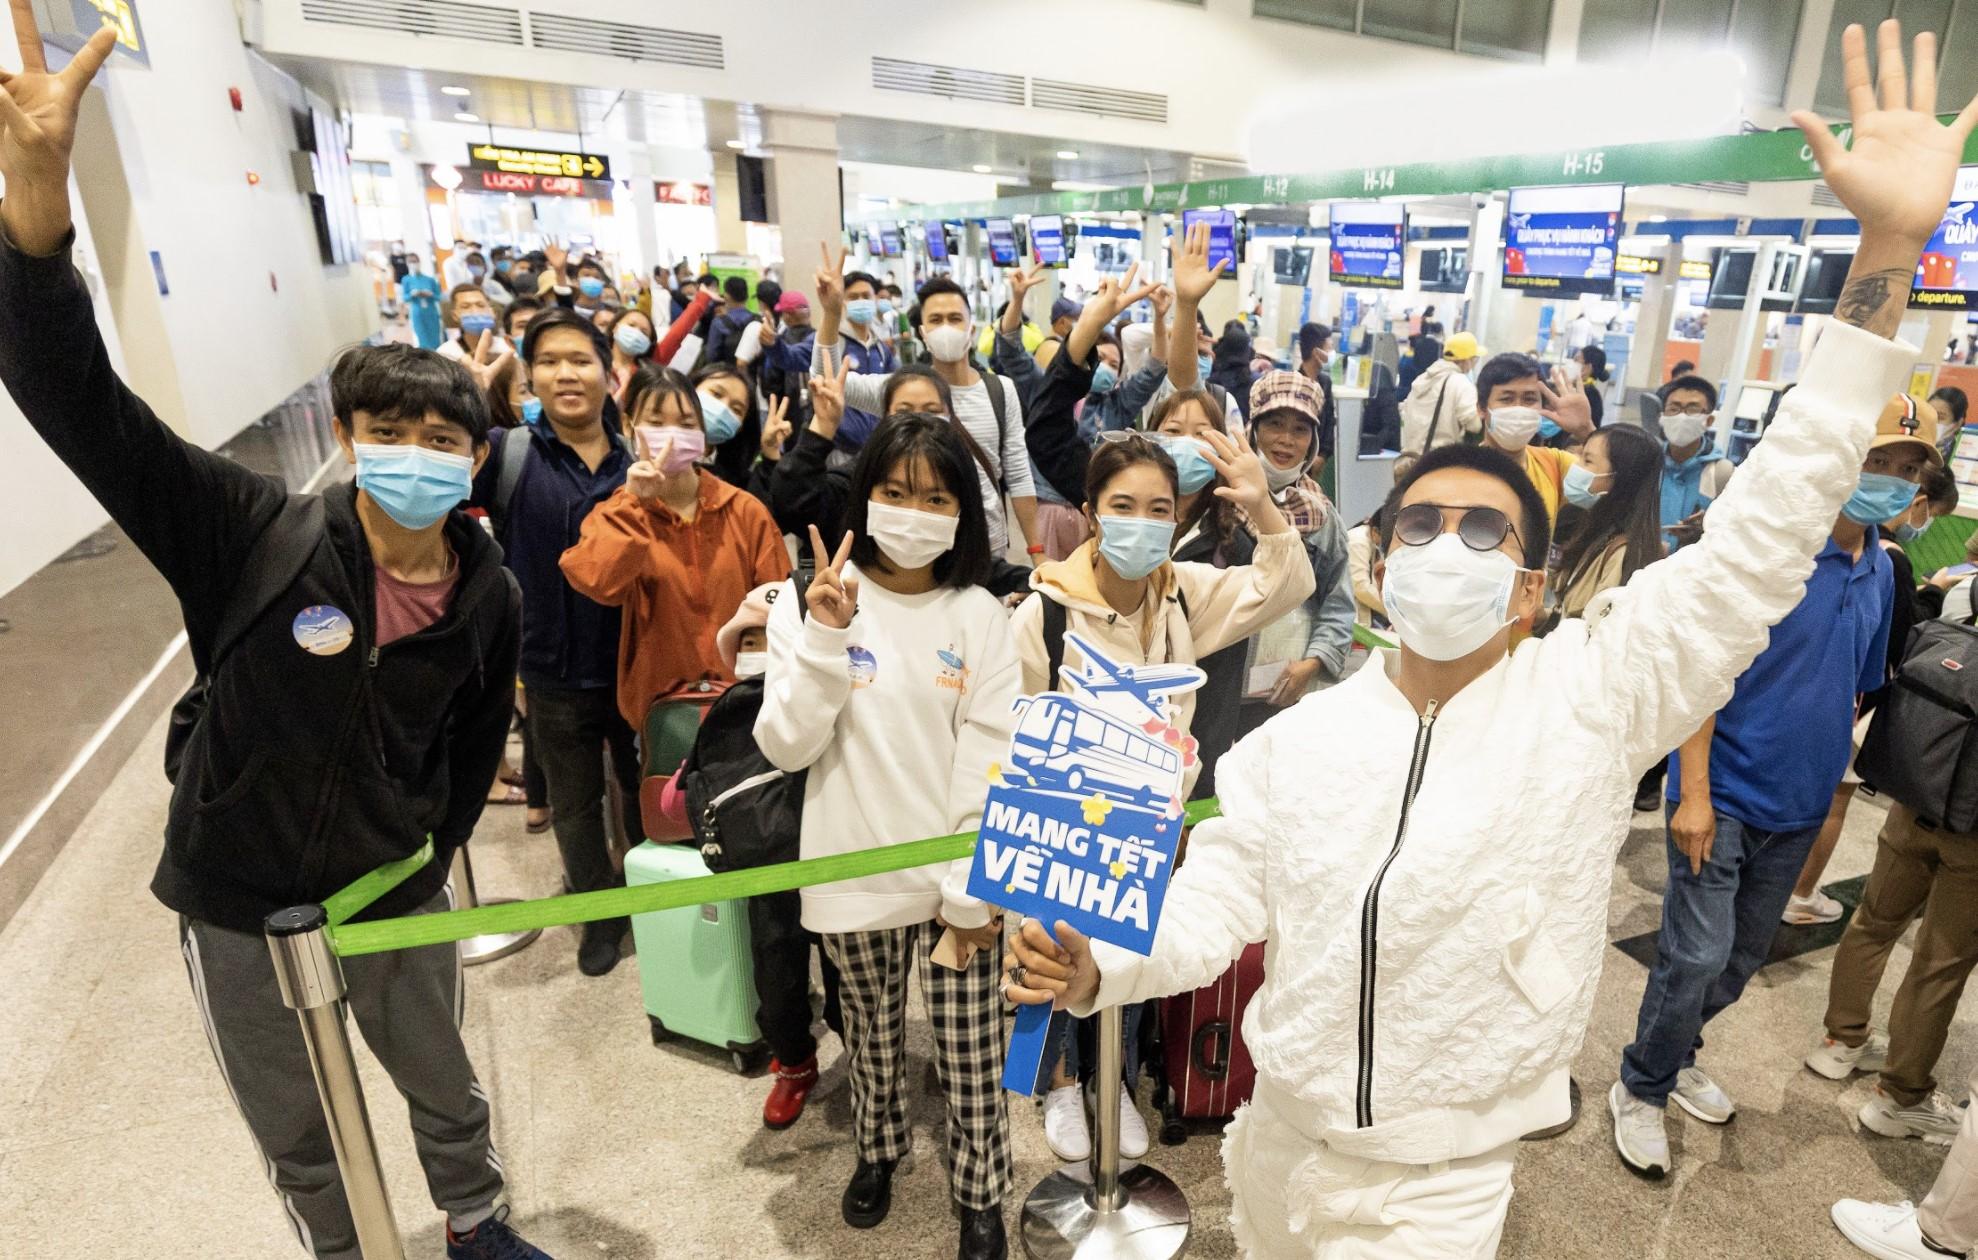 Hơn 3.000 người đã được chương trình Mang Tết về nhà tặng vé máy bay, tàu xe để về quê. Ảnh: T. Nguyễn.